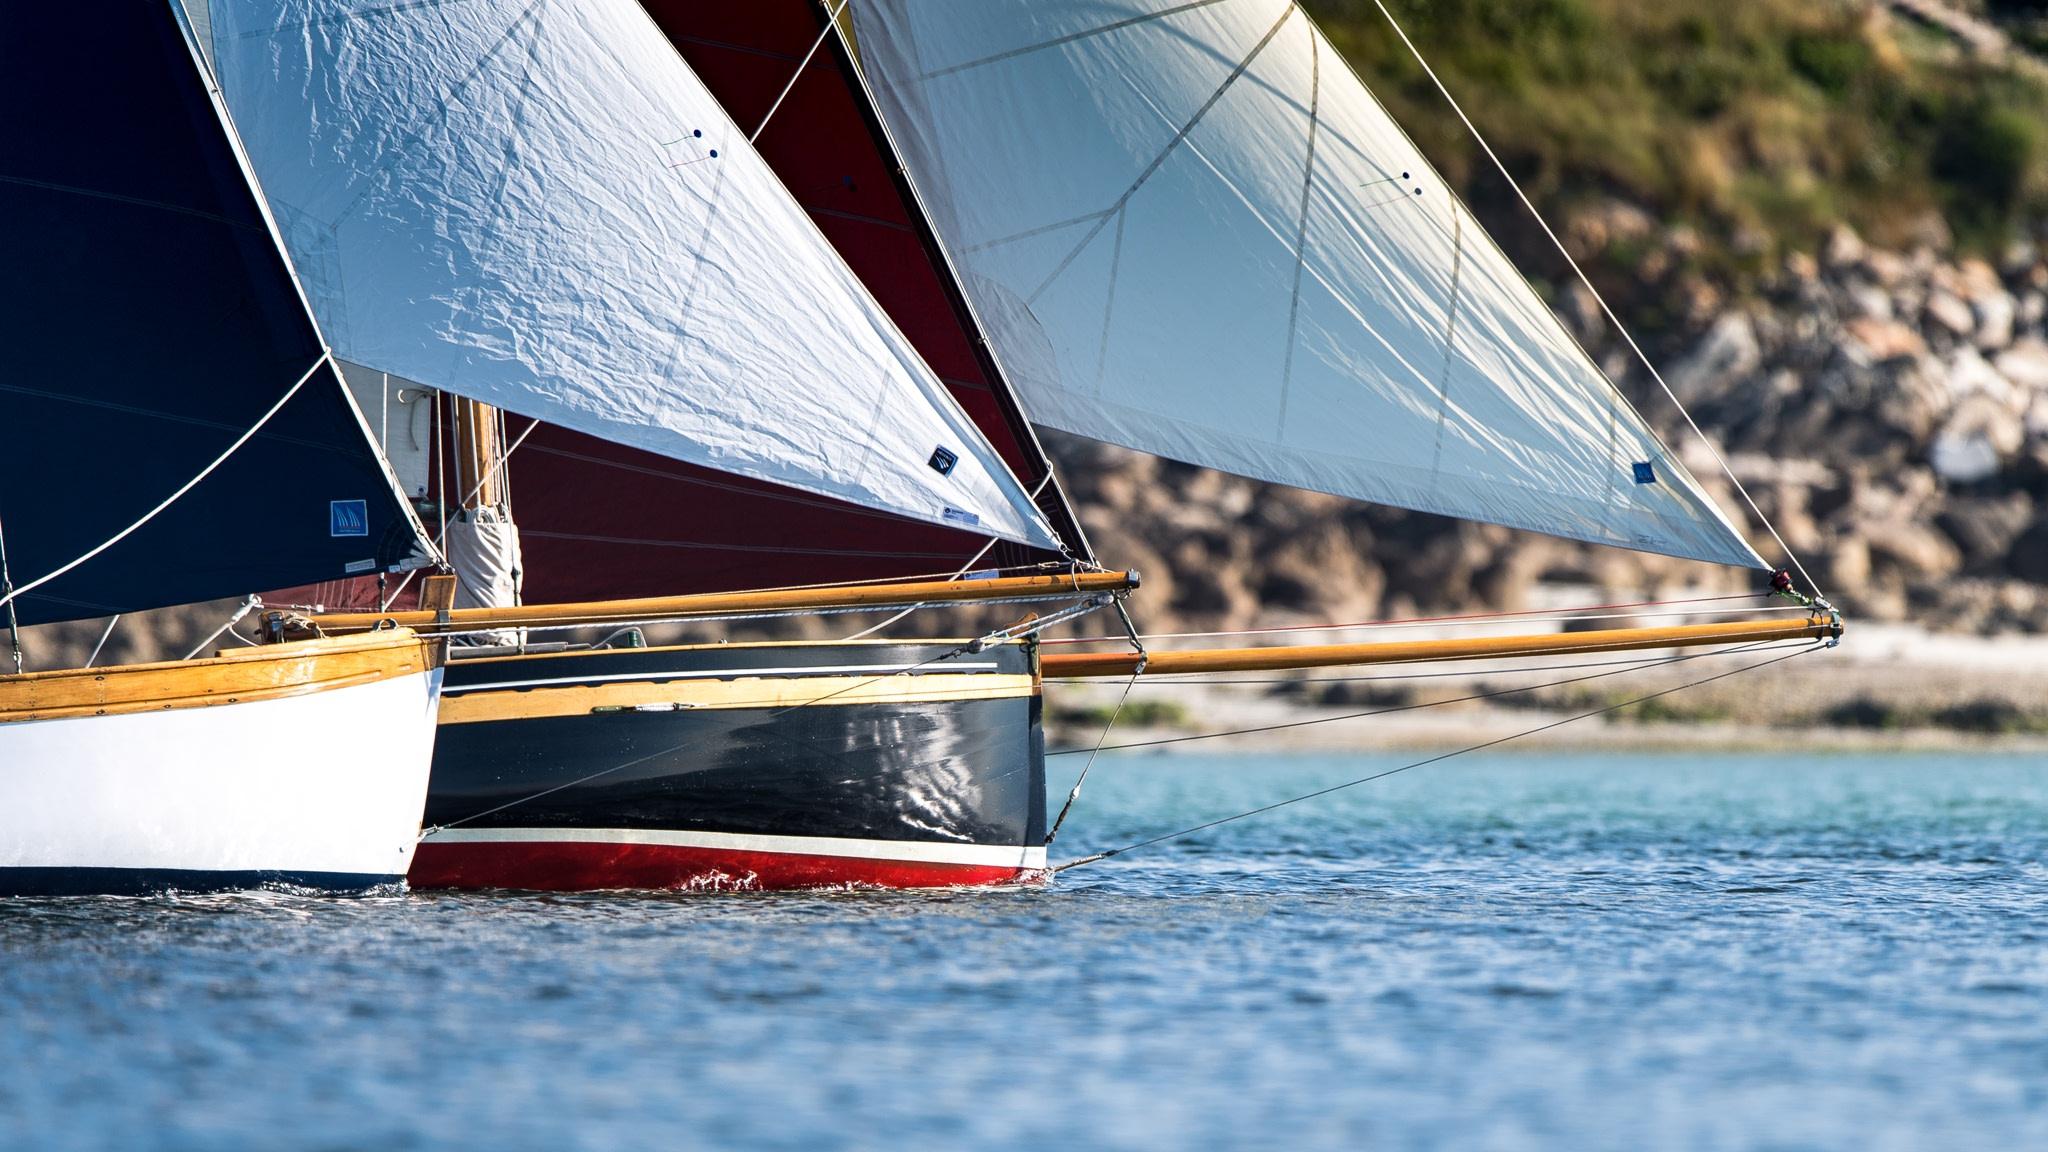 Photographie bateau ND52568